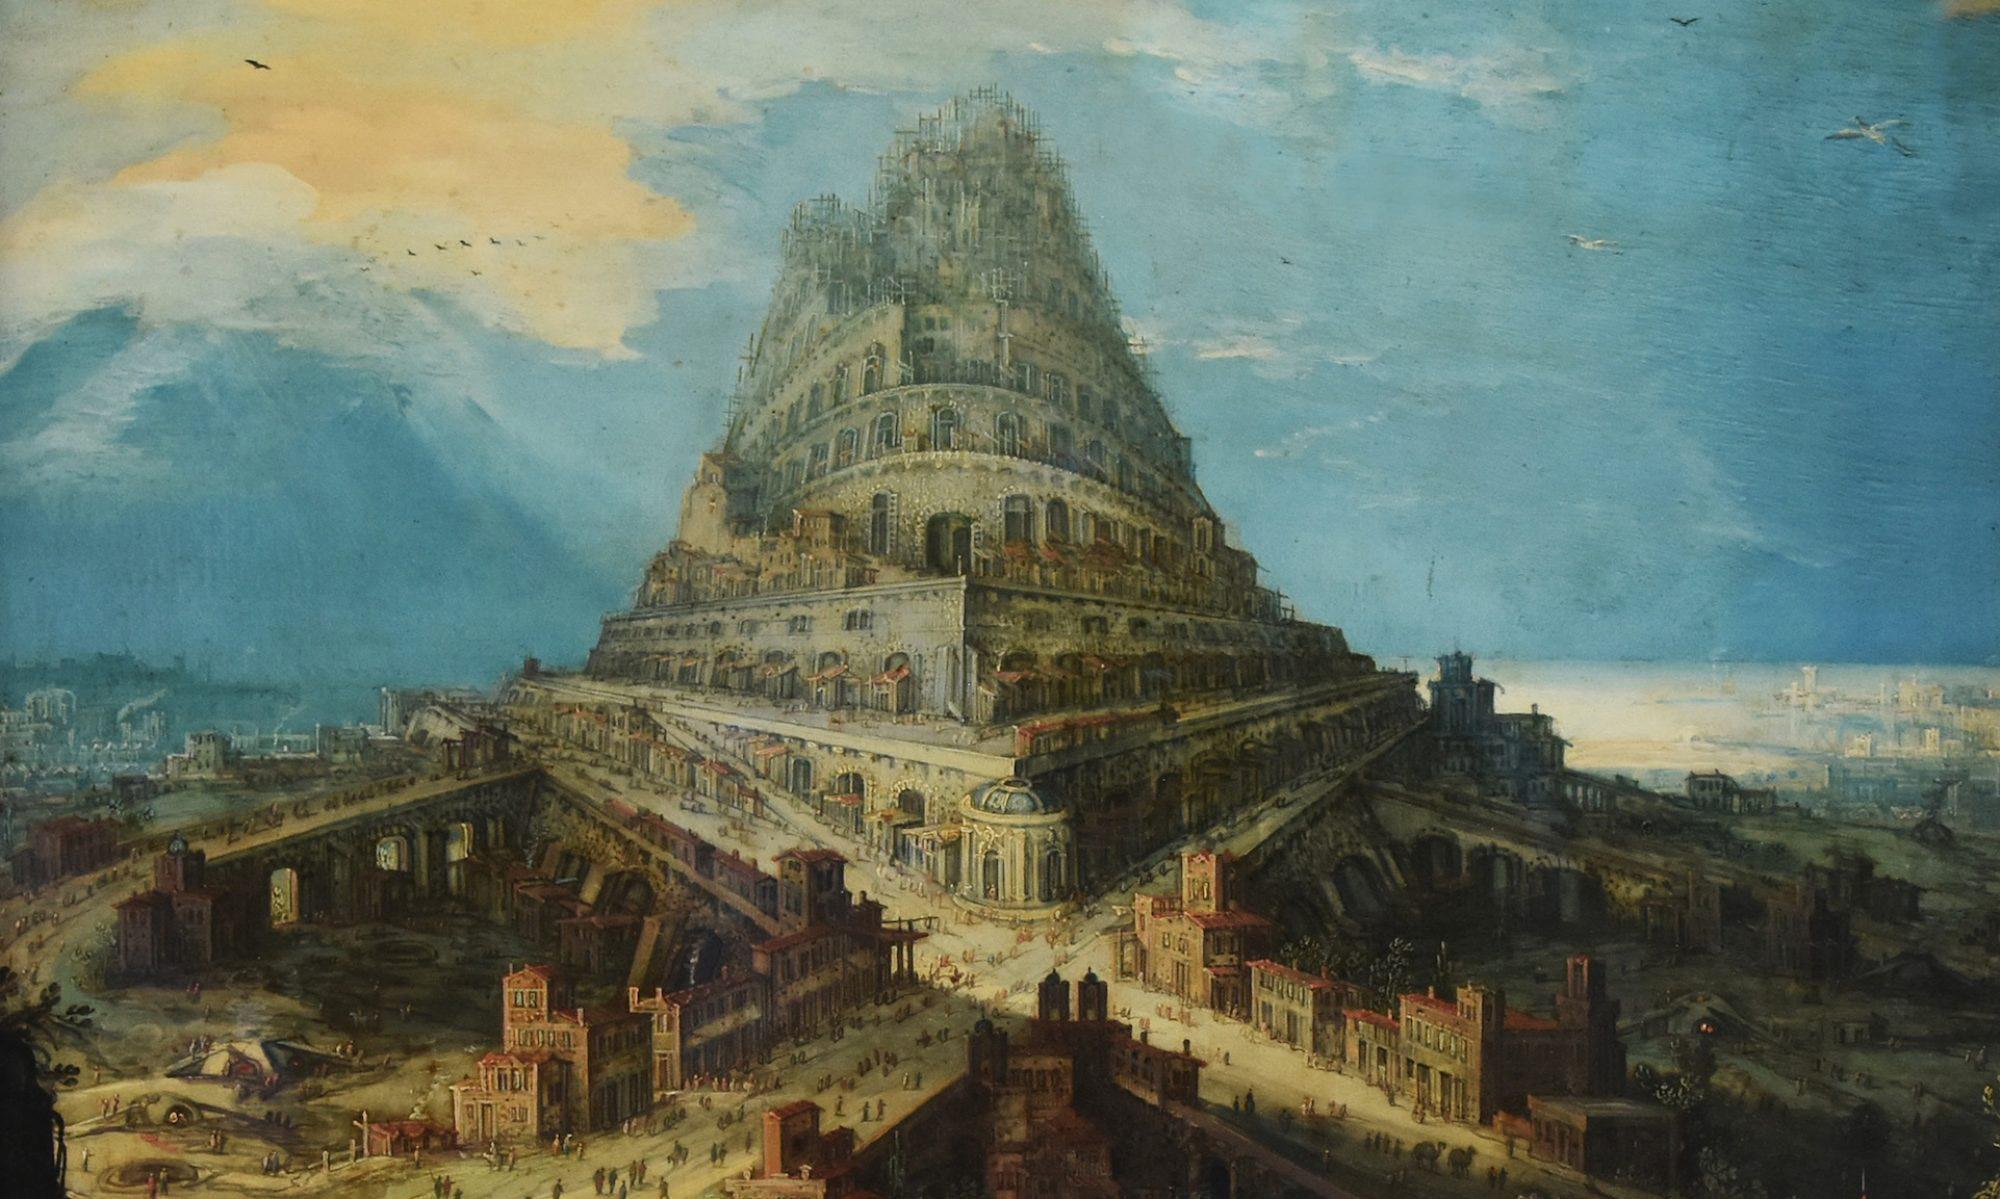 'Babelgo dorrea' (1587) egile ezezaguna. Bertakoa, Babiloniakoa zen Murashu familia, K.a. VI. mendean egindako jarduerengatik lehen bankari dinastiatzat jo daitekeena.